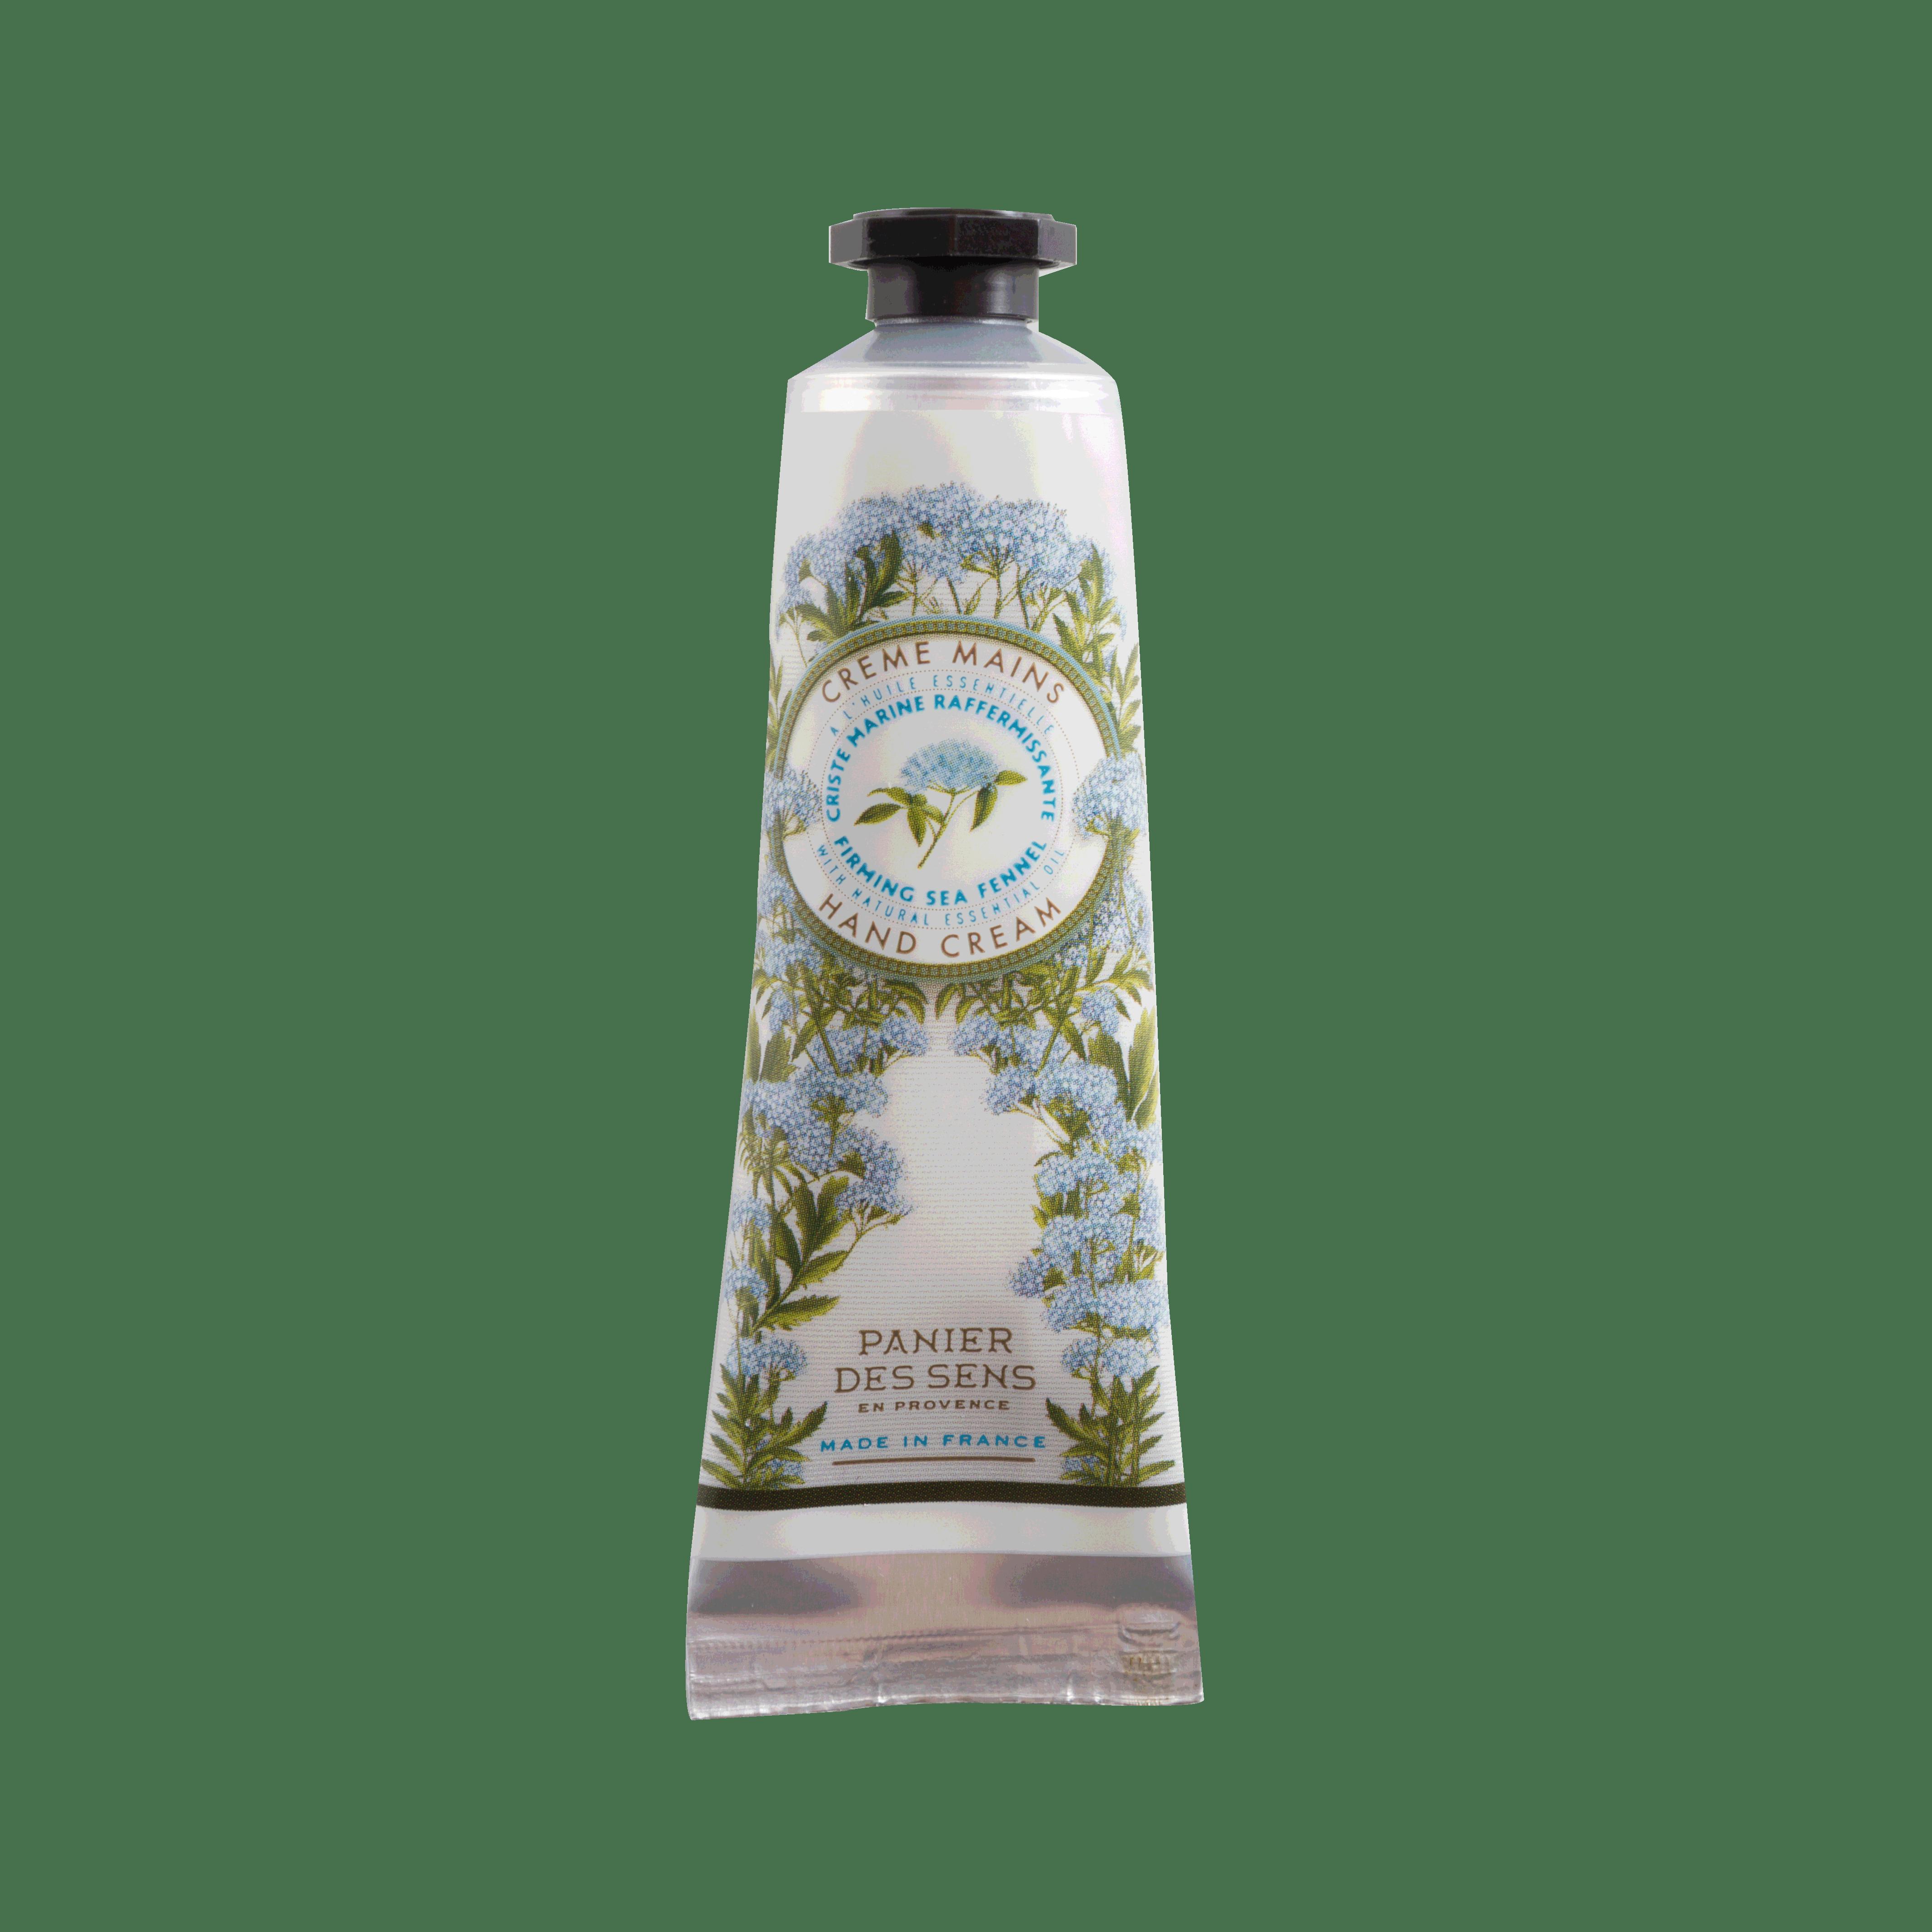 Crème Mains Criste Marine Raffermissante (30ml) - Panier des sens